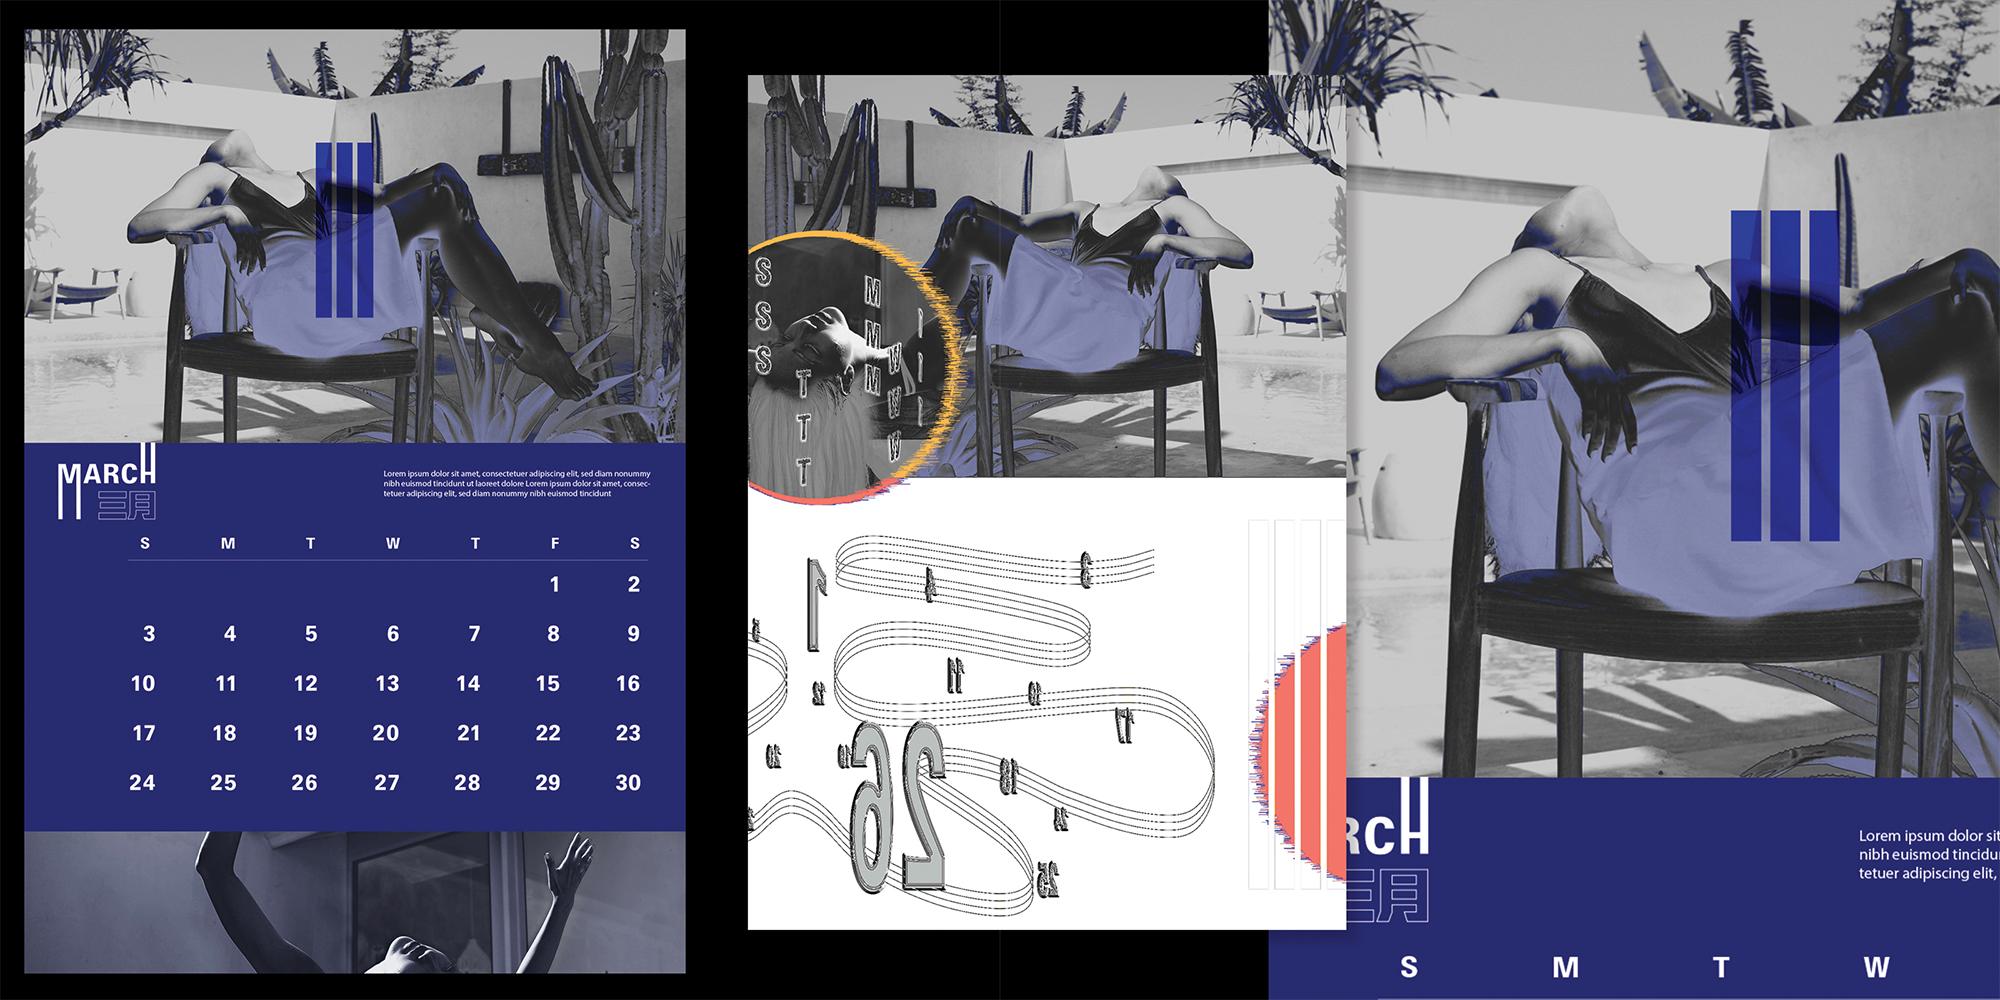 calendar_web.jpg